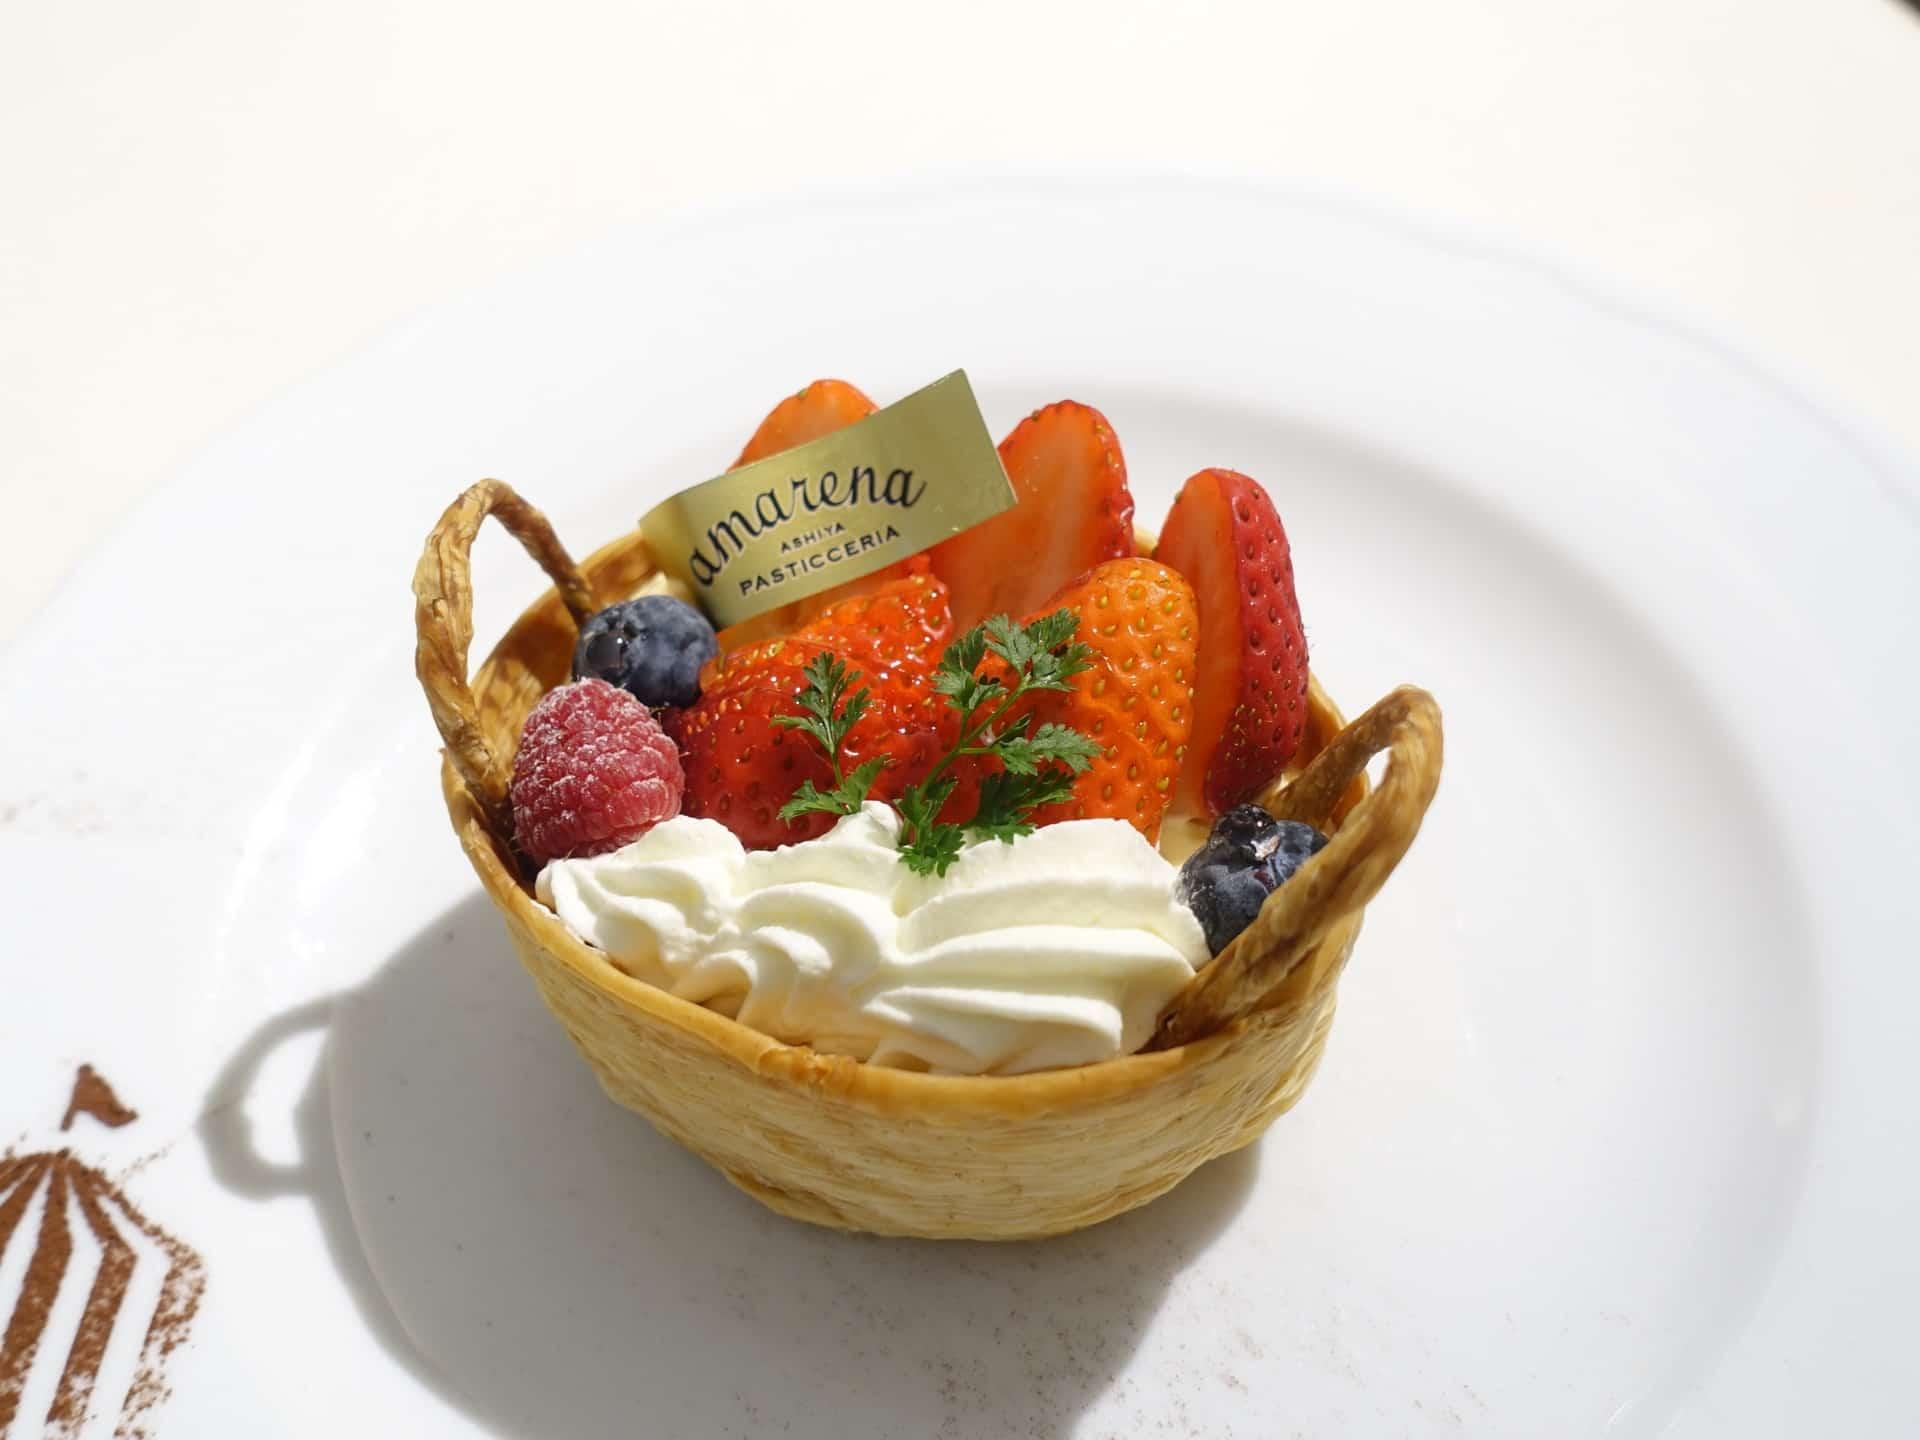 アマレーナ 芦屋本店 − ランチ&スイーツが人気のイタリアンレストラン。ランチは+300円でドルチェが選べる!